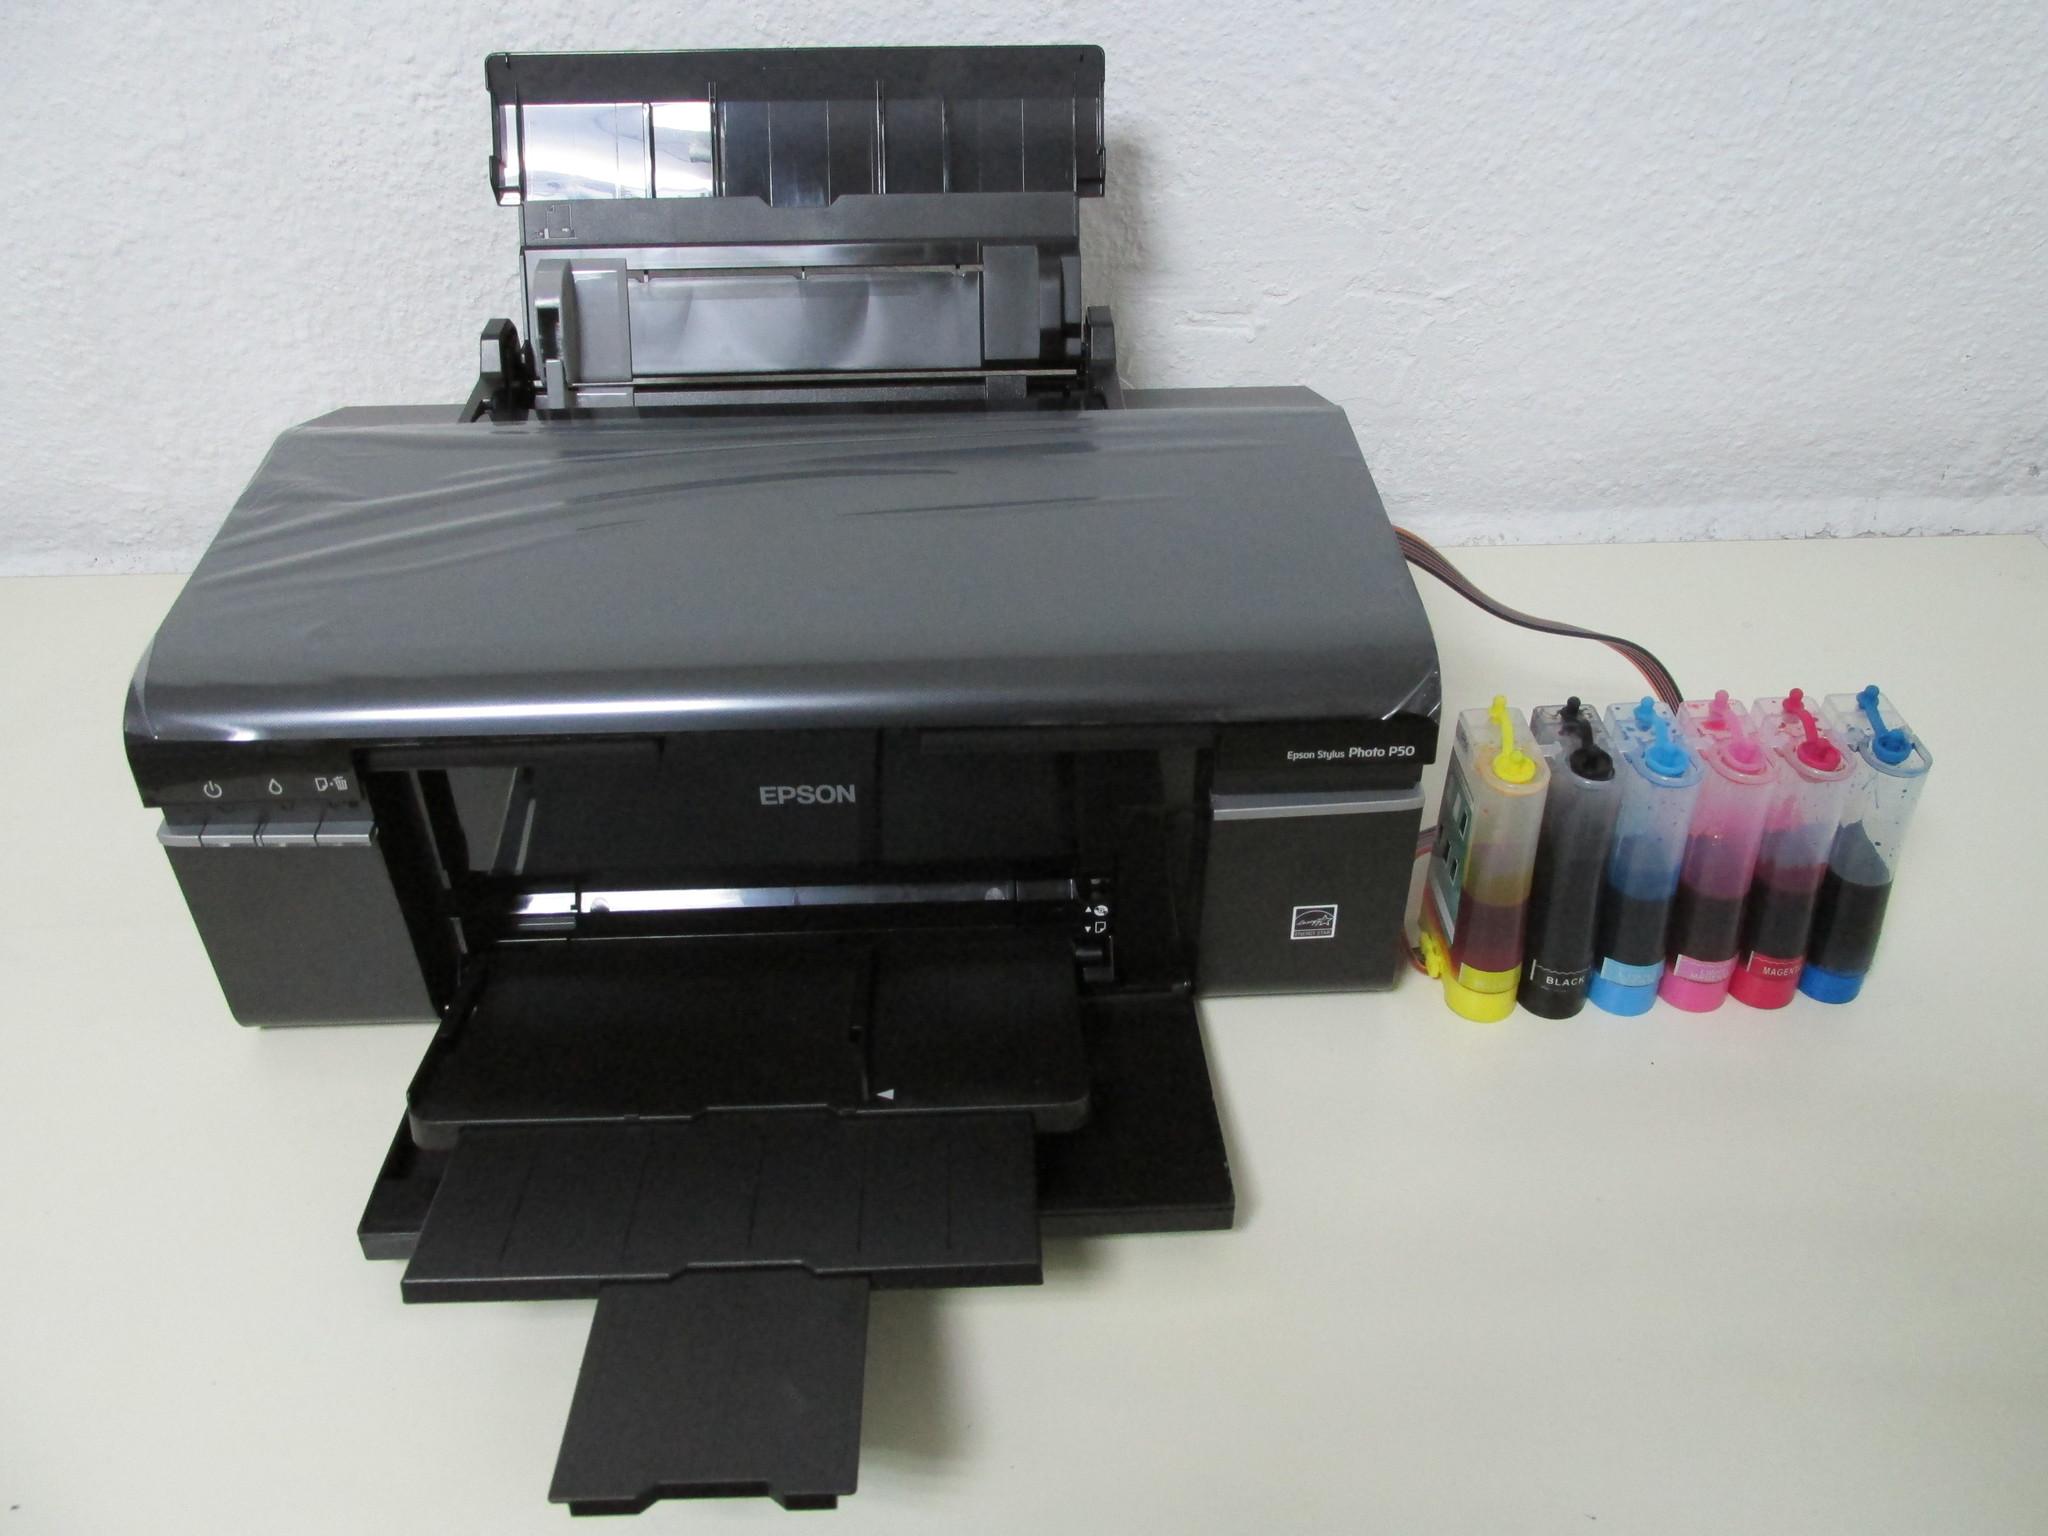 Как отремонтировать принтер эпсон в домашних условиях